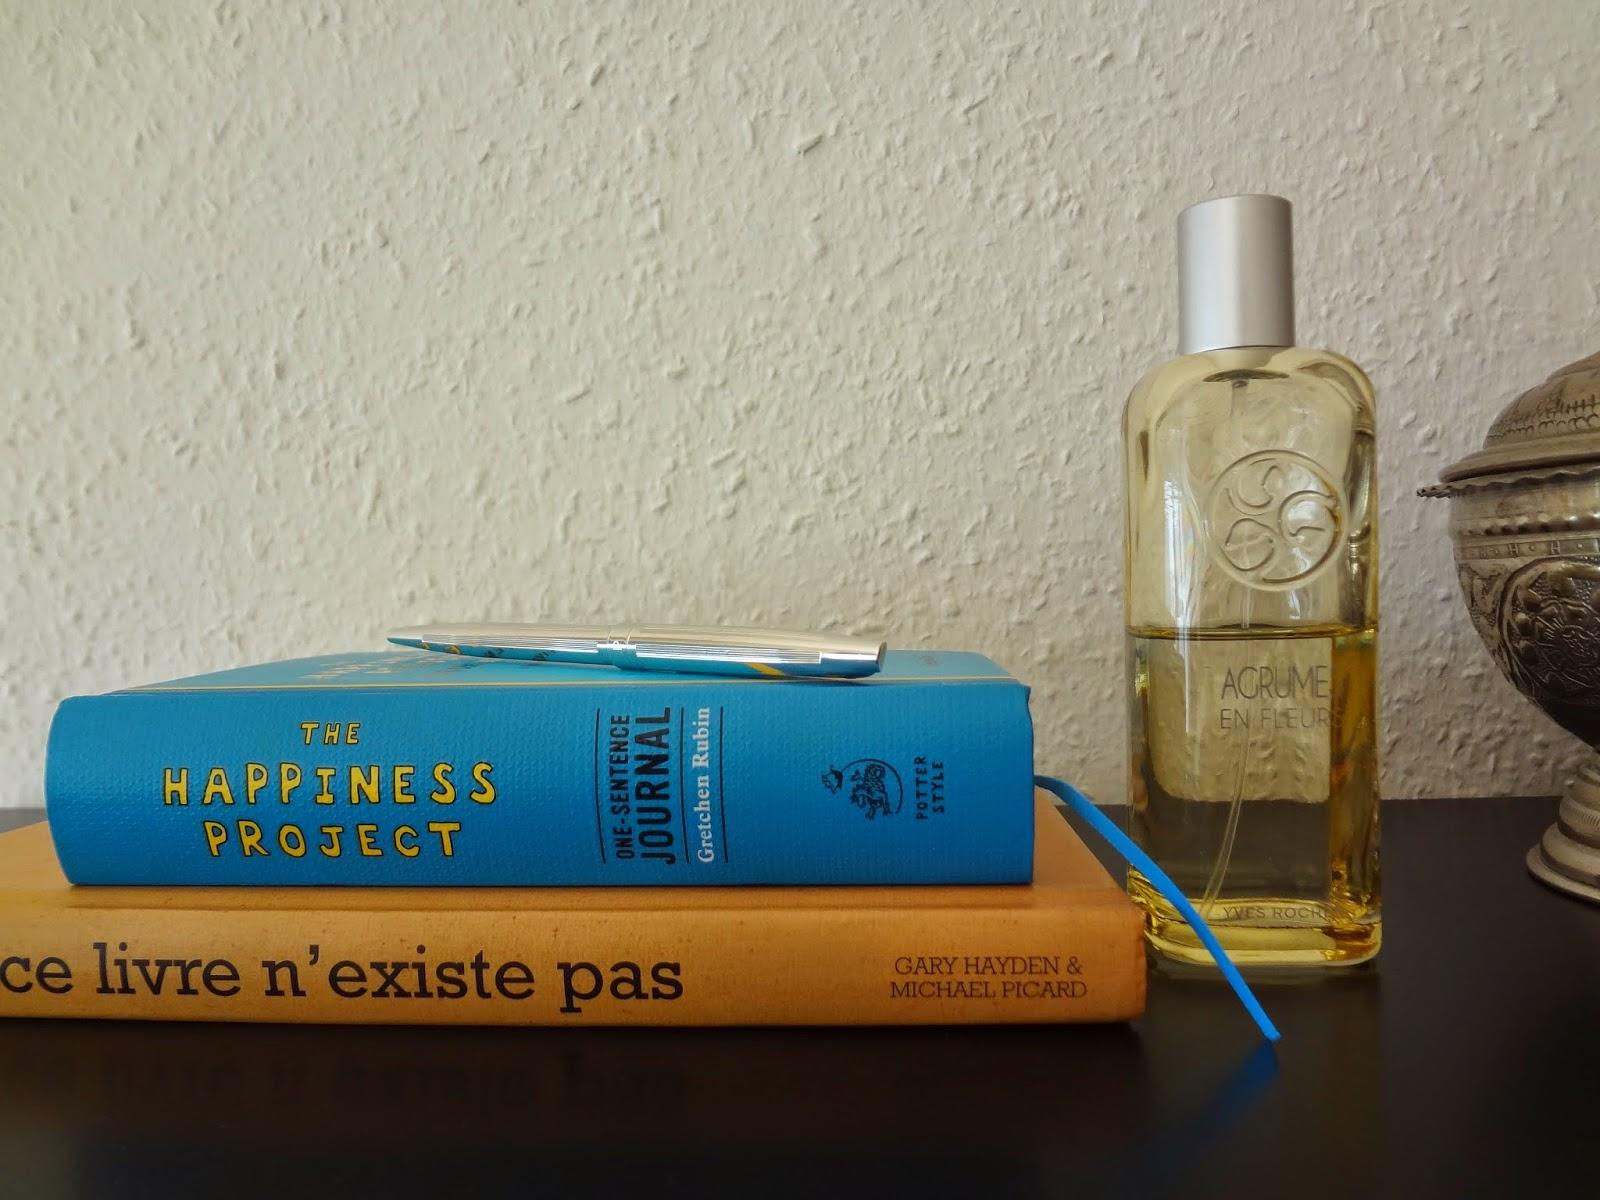 routine-soins-beaute-beauty-skincare-cocooning-bien-etre-anti-stress-rituel-douche-petit-marseillais-fleur-oranger-neroli-yves-rocher-tradition-hammam-baume-corps-gommage-exfoliant-argan-rose-brosse-sanglier-livres-soir-coucher-happiness-project-bioderma-crealine-biotherm-nettoyant-peaux-seches-masque-argile-hydraphase-intense-legere-matin-jardin-eau-toilette-fleurs-agrumes